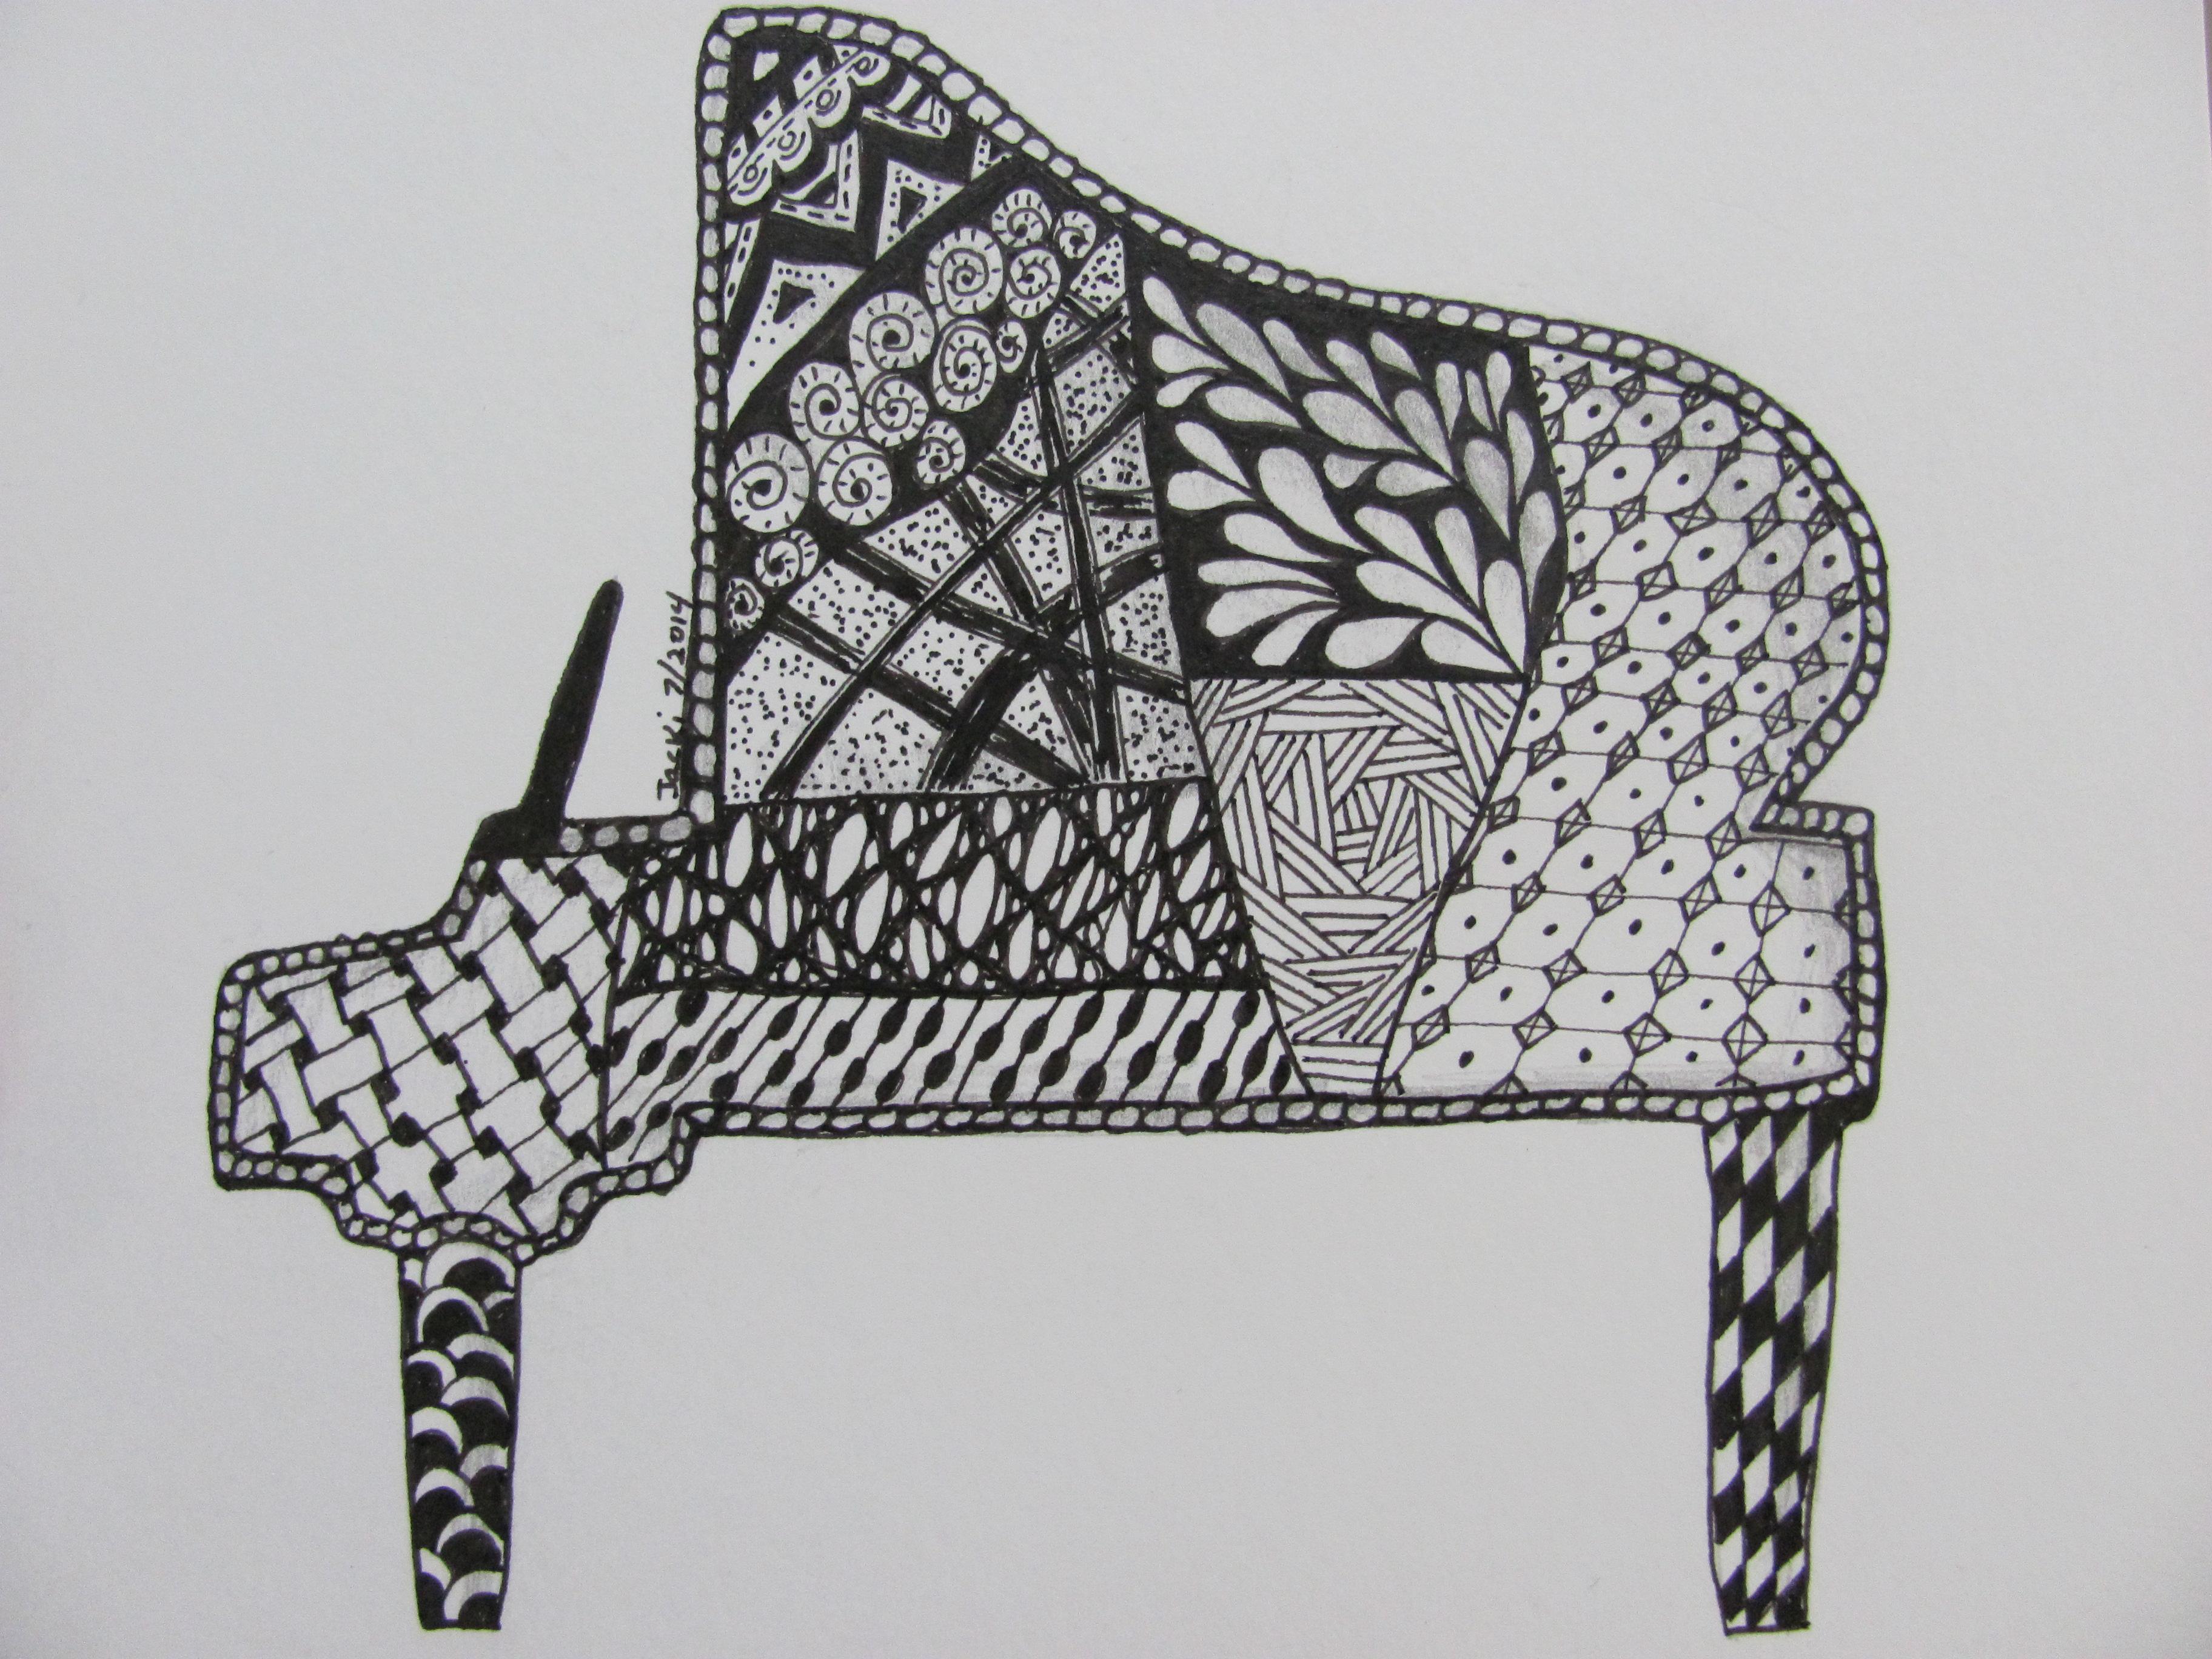 Piano clipart mini Jacki Grande